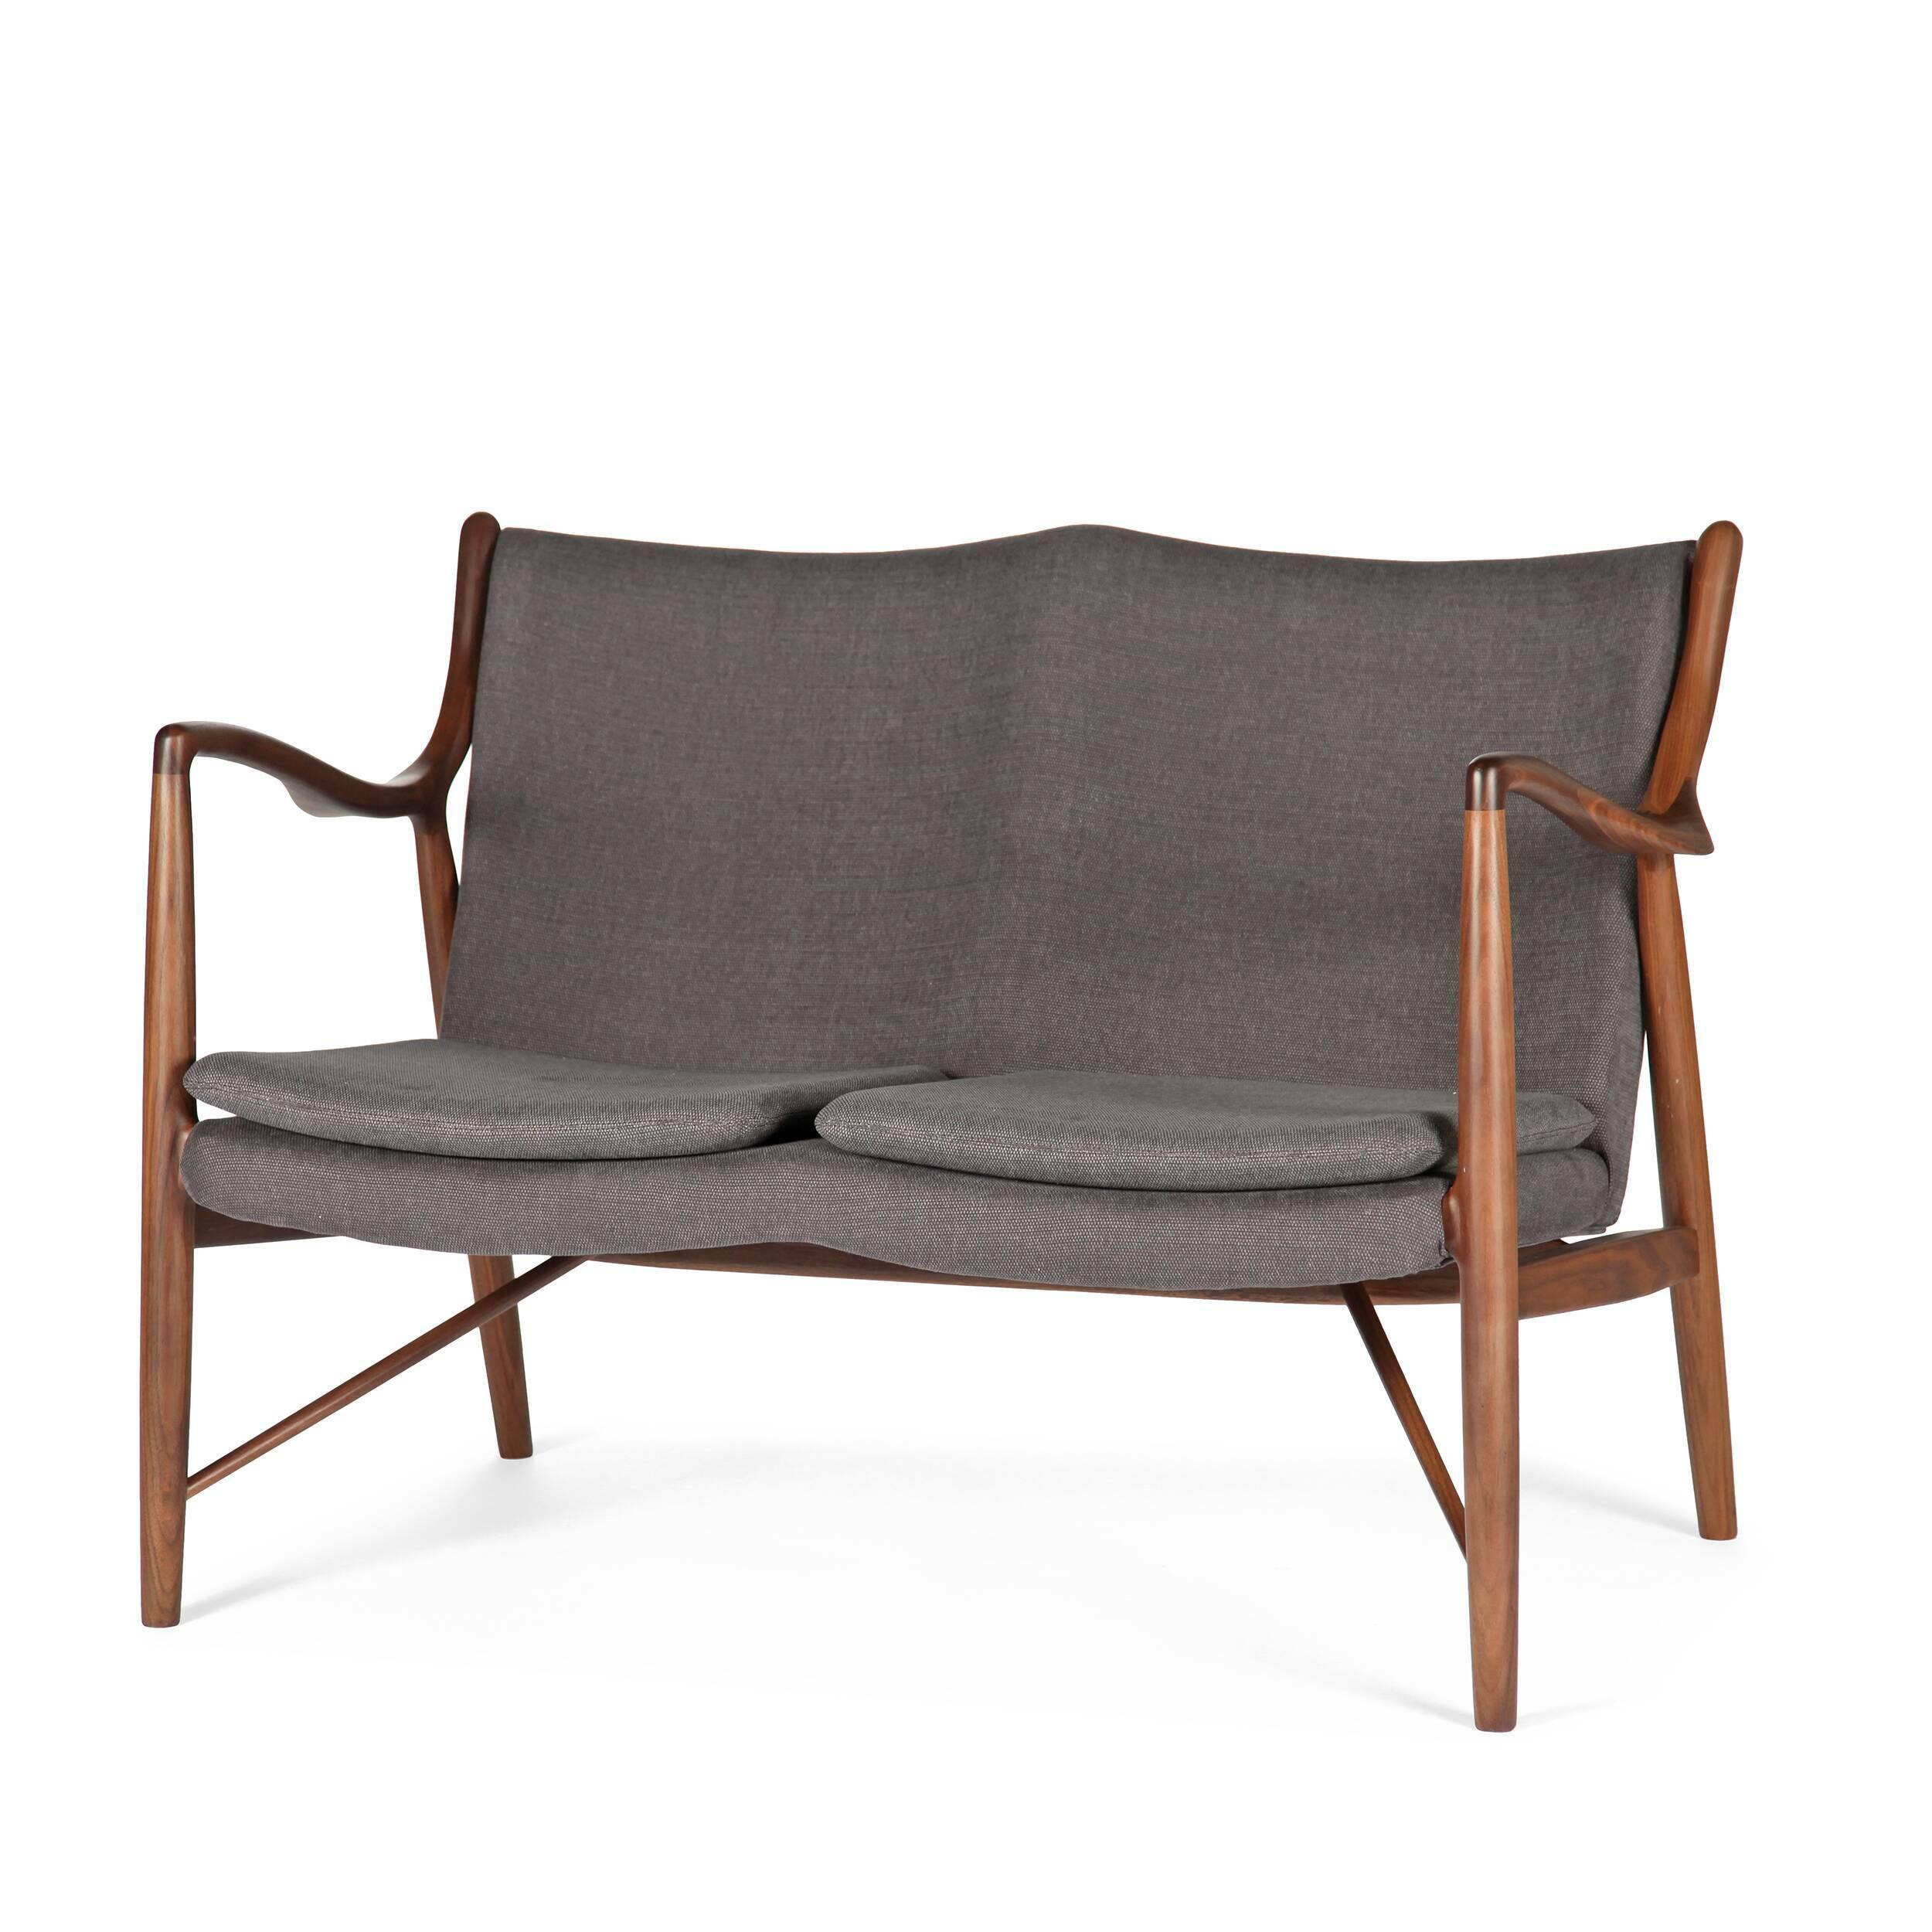 Диван NV45Двухместные<br>Дизайнерский небольшой двухместный легкий диван NV45 (НВ45) на длинных ножках от Cosmo (Космо)<br><br><br> Финн Юль был пионером датского дизайна. В 1945 году он создал этот фантастический диван, ставший одной из первых работ, в которых он явно разрушал существовавшие традиции, освободив сиденье и спинку от несущей рамы. В результате получился простой и элегантный диван, который охарактеризовал весь стиль Финна Юля и сделал его всемирно известным дизайнером. Работа была названа просто: «45».<br><br>...<br><br>stock: 1<br>Высота: 83<br>Высота сиденья: 42<br>Глубина: 76<br>Длина: 119<br>Материал каркаса: Массив ореха<br>Материал обивки: Хлопок<br>Тип материала каркаса: Дерево<br>Коллекция ткани: Charles Fabric<br>Тип материала обивки: Ткань<br>Цвет обивки: Темно-серый<br>Цвет каркаса: Орех